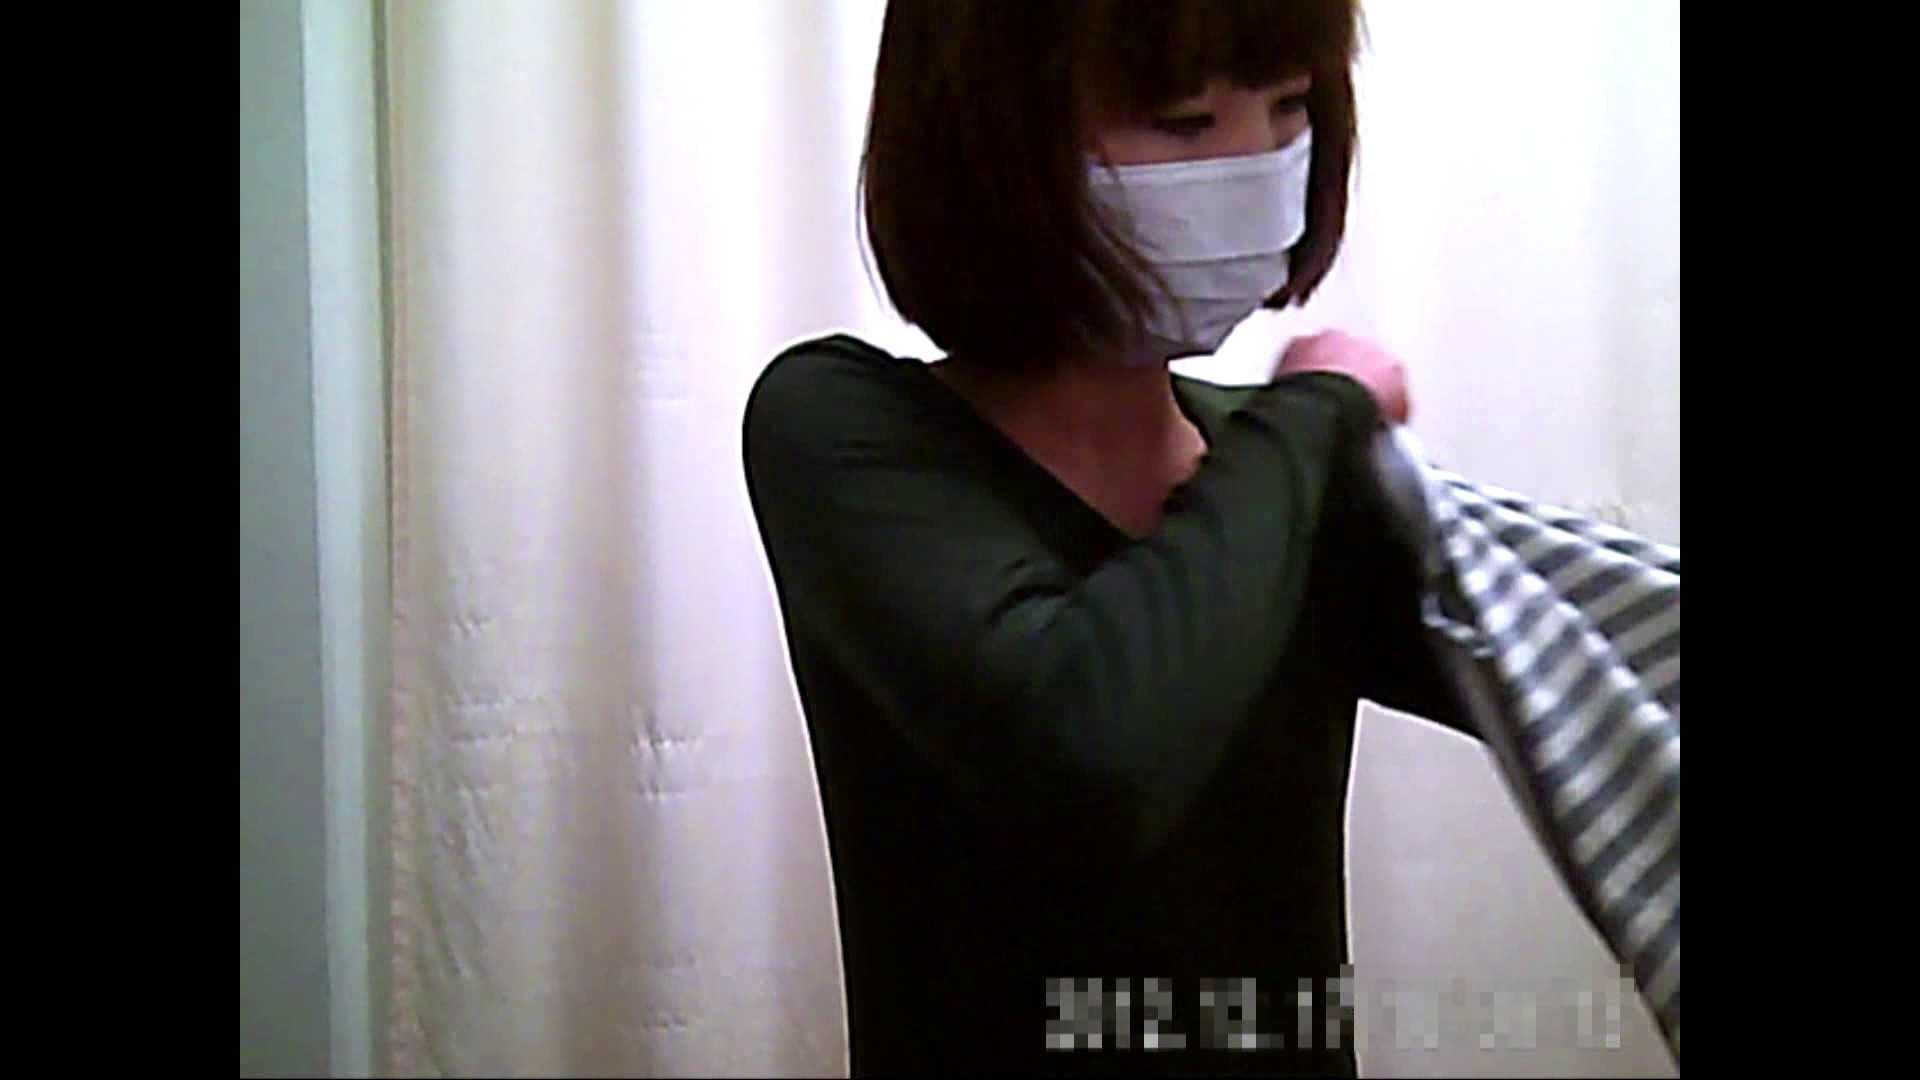 病院おもいっきり着替え! vol.179 盗撮 オマンコ無修正動画無料 66PIX 16